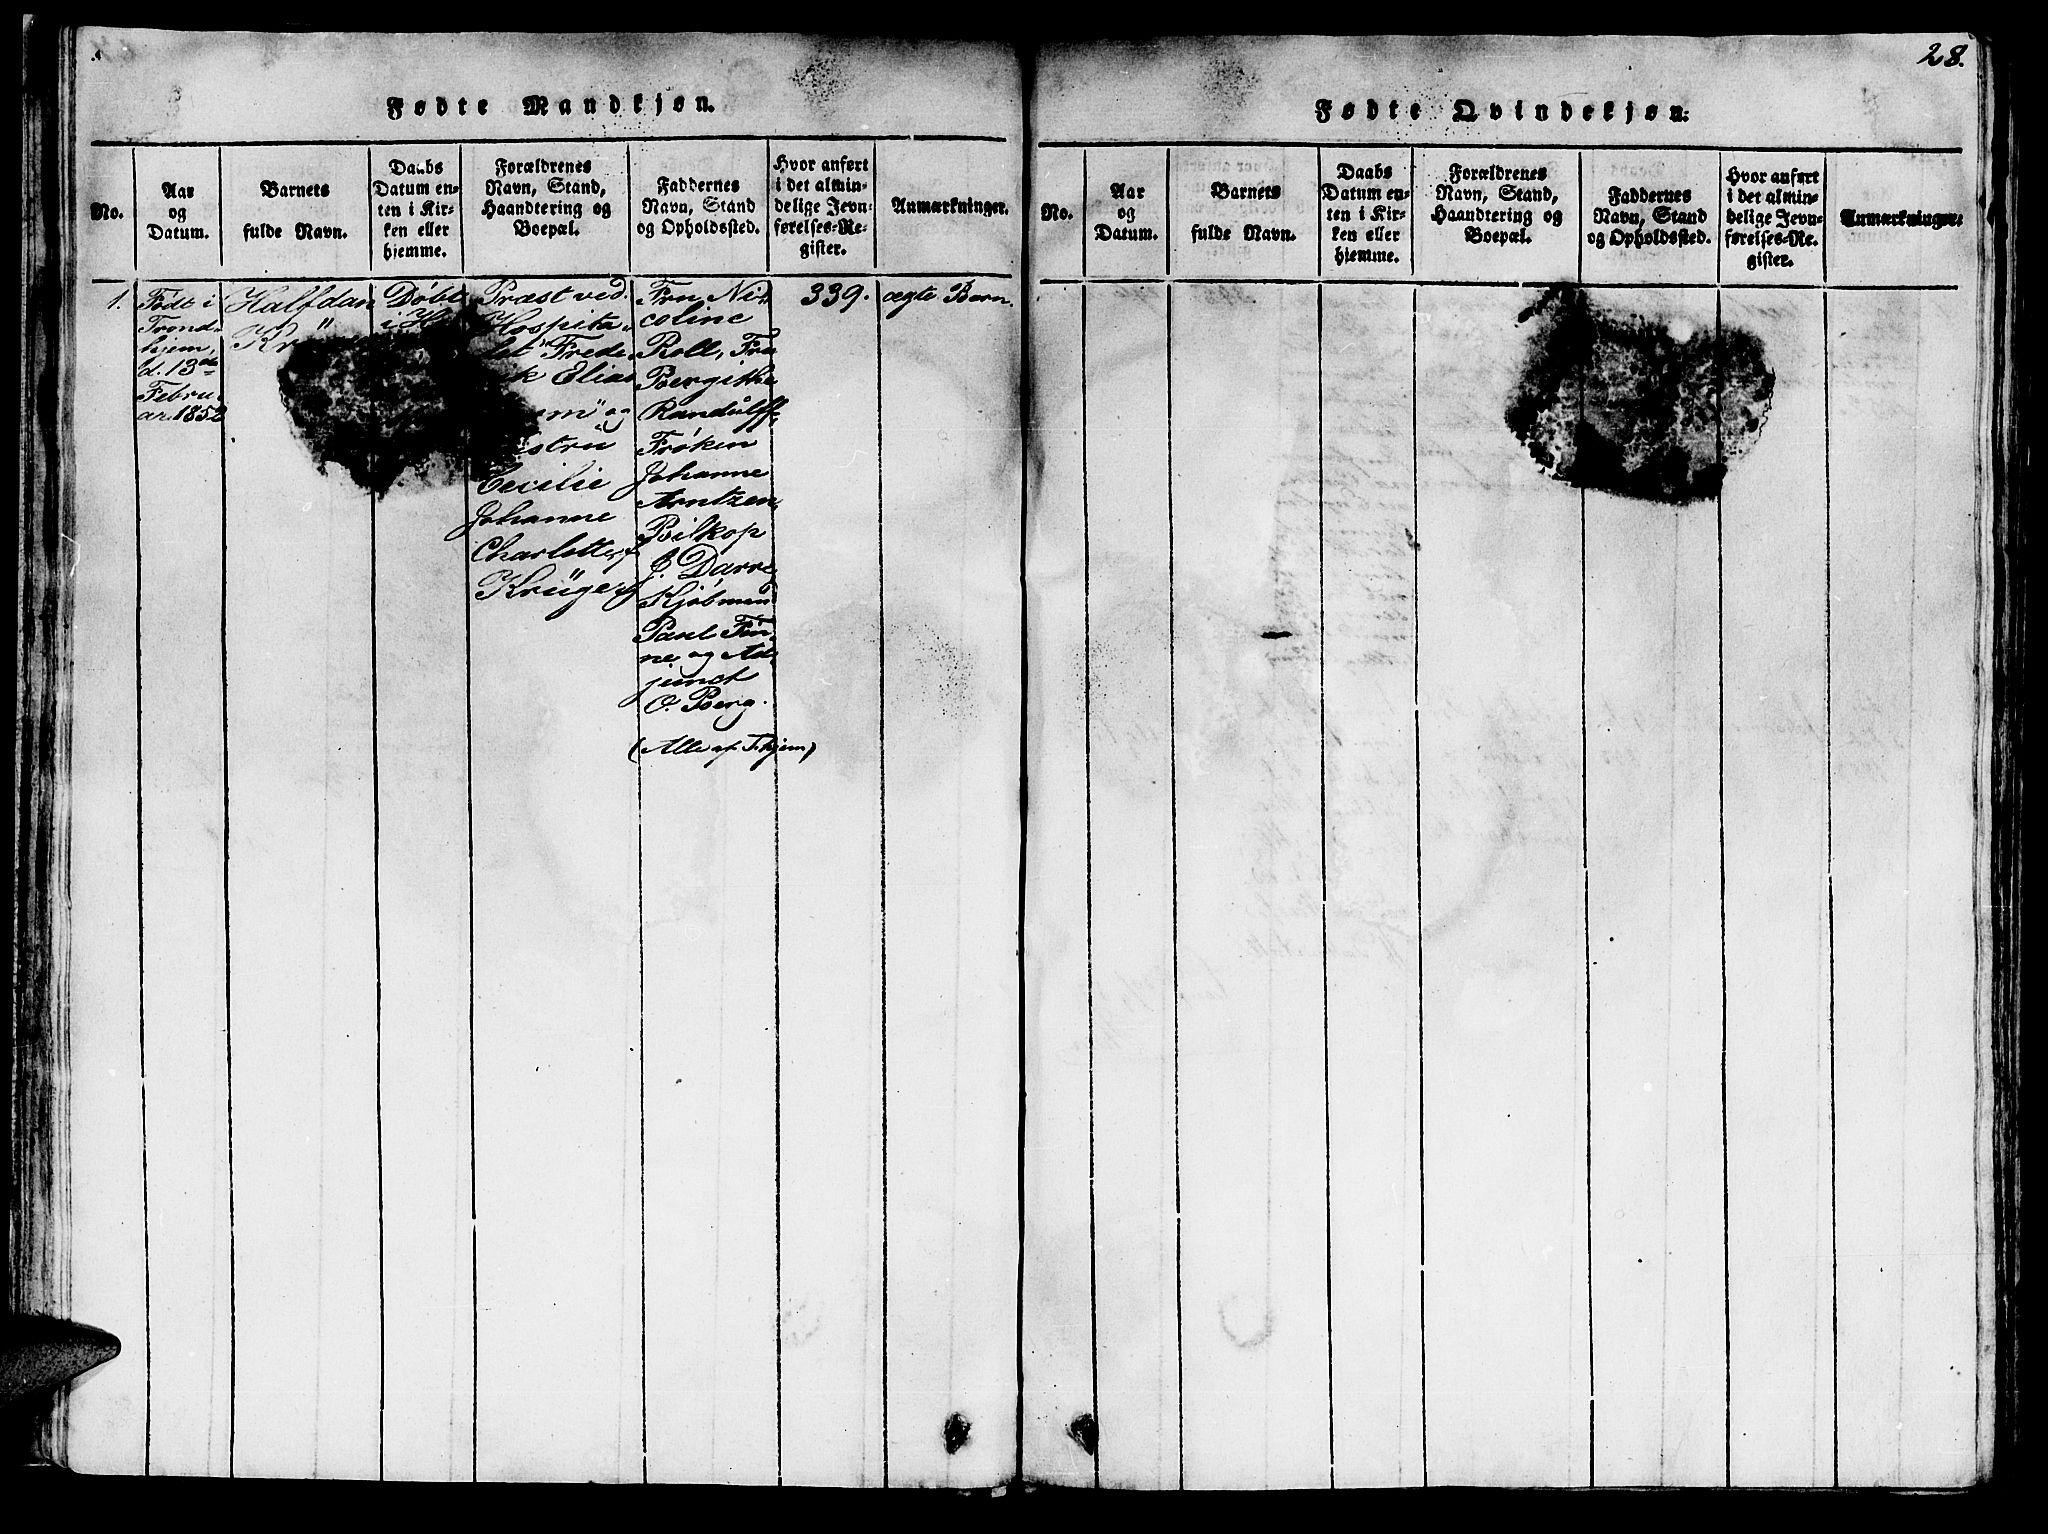 SAT, Ministerialprotokoller, klokkerbøker og fødselsregistre - Sør-Trøndelag, 623/L0478: Klokkerbok nr. 623C01, 1815-1873, s. 28